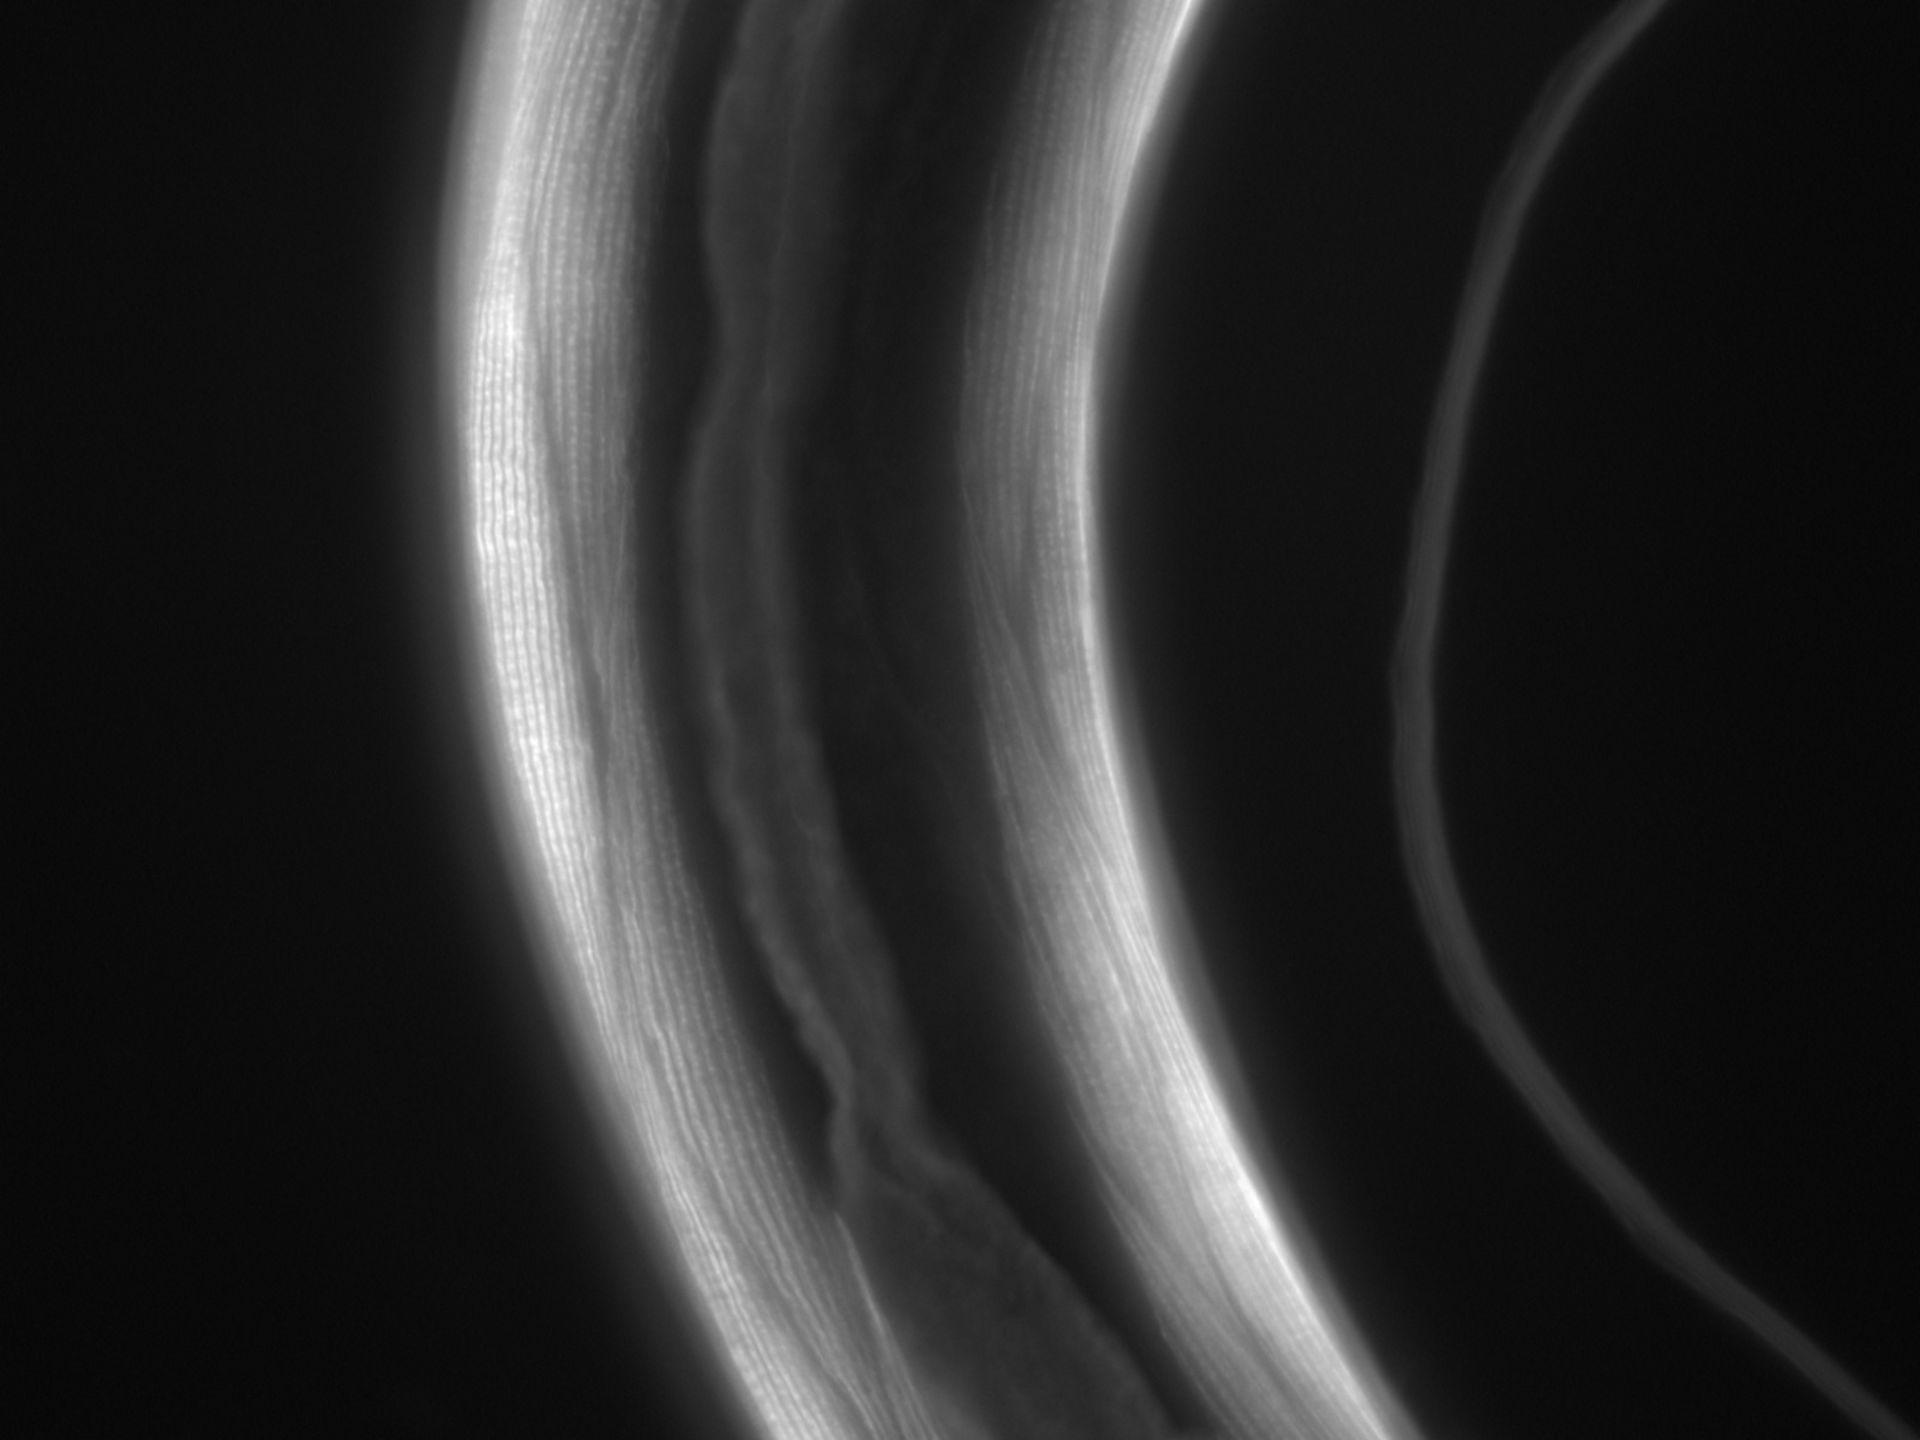 Caenorhabditis elegans (Actin filament) - CIL:1066